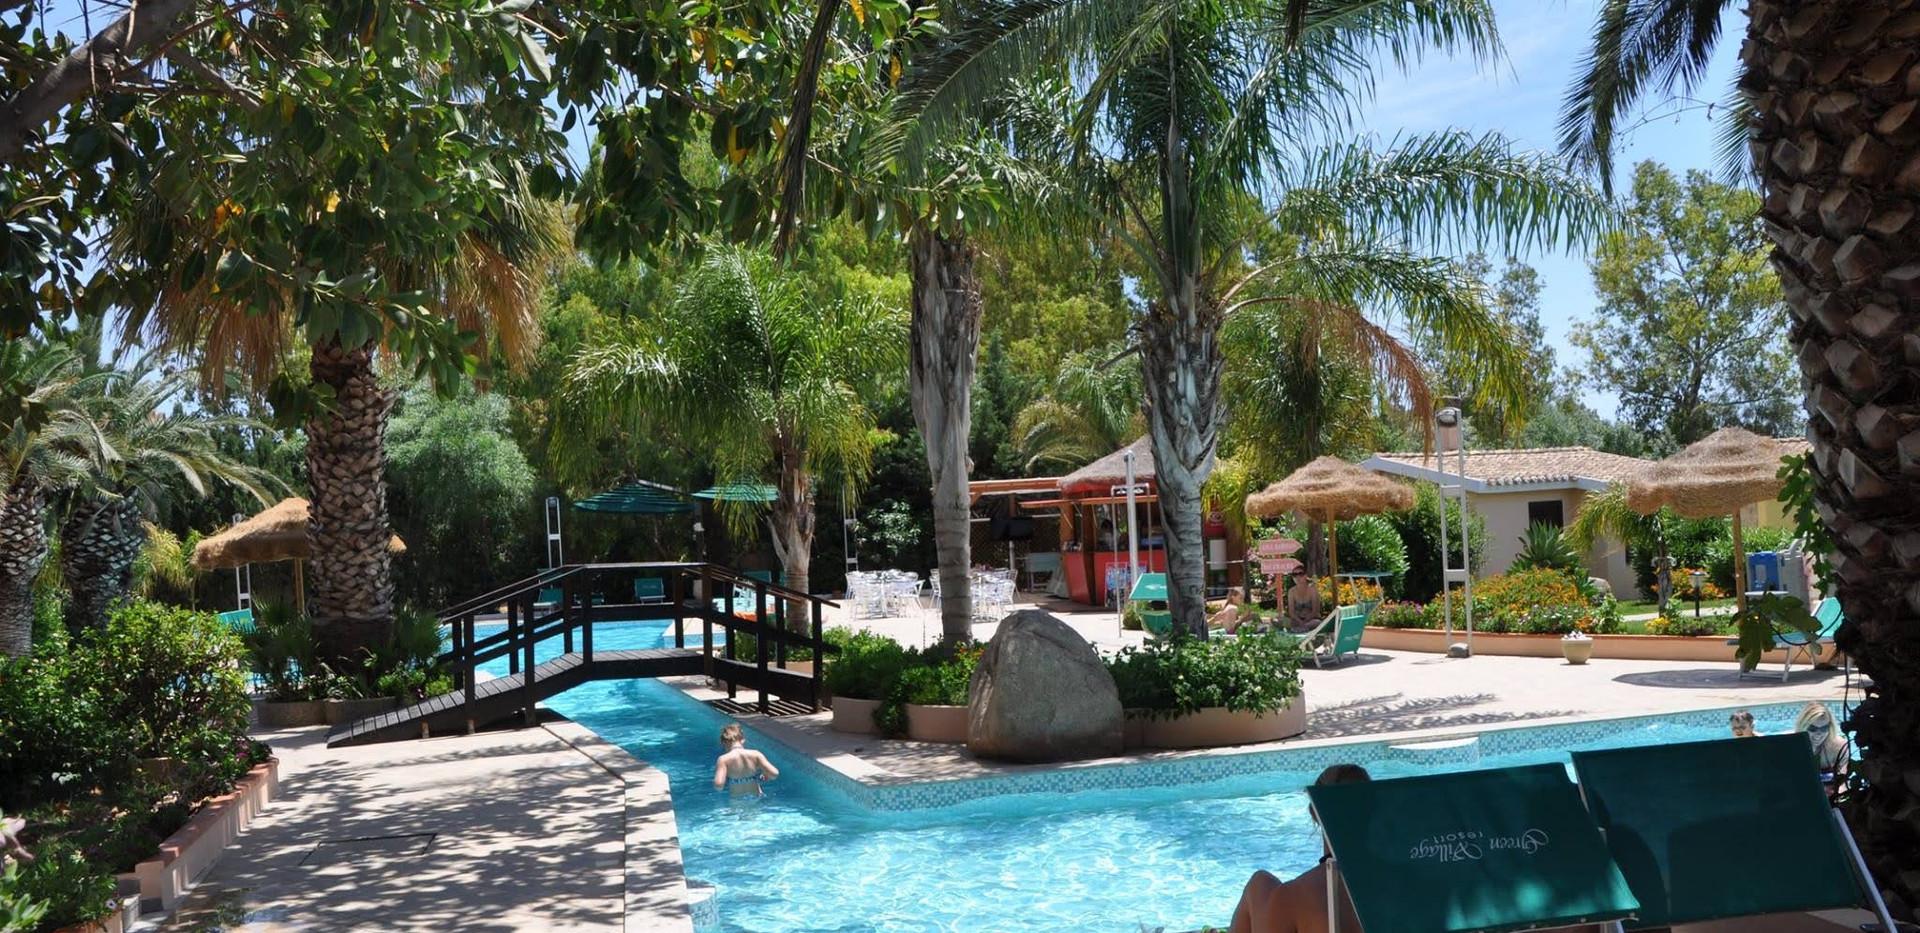 piscina green village resort 20.jpg